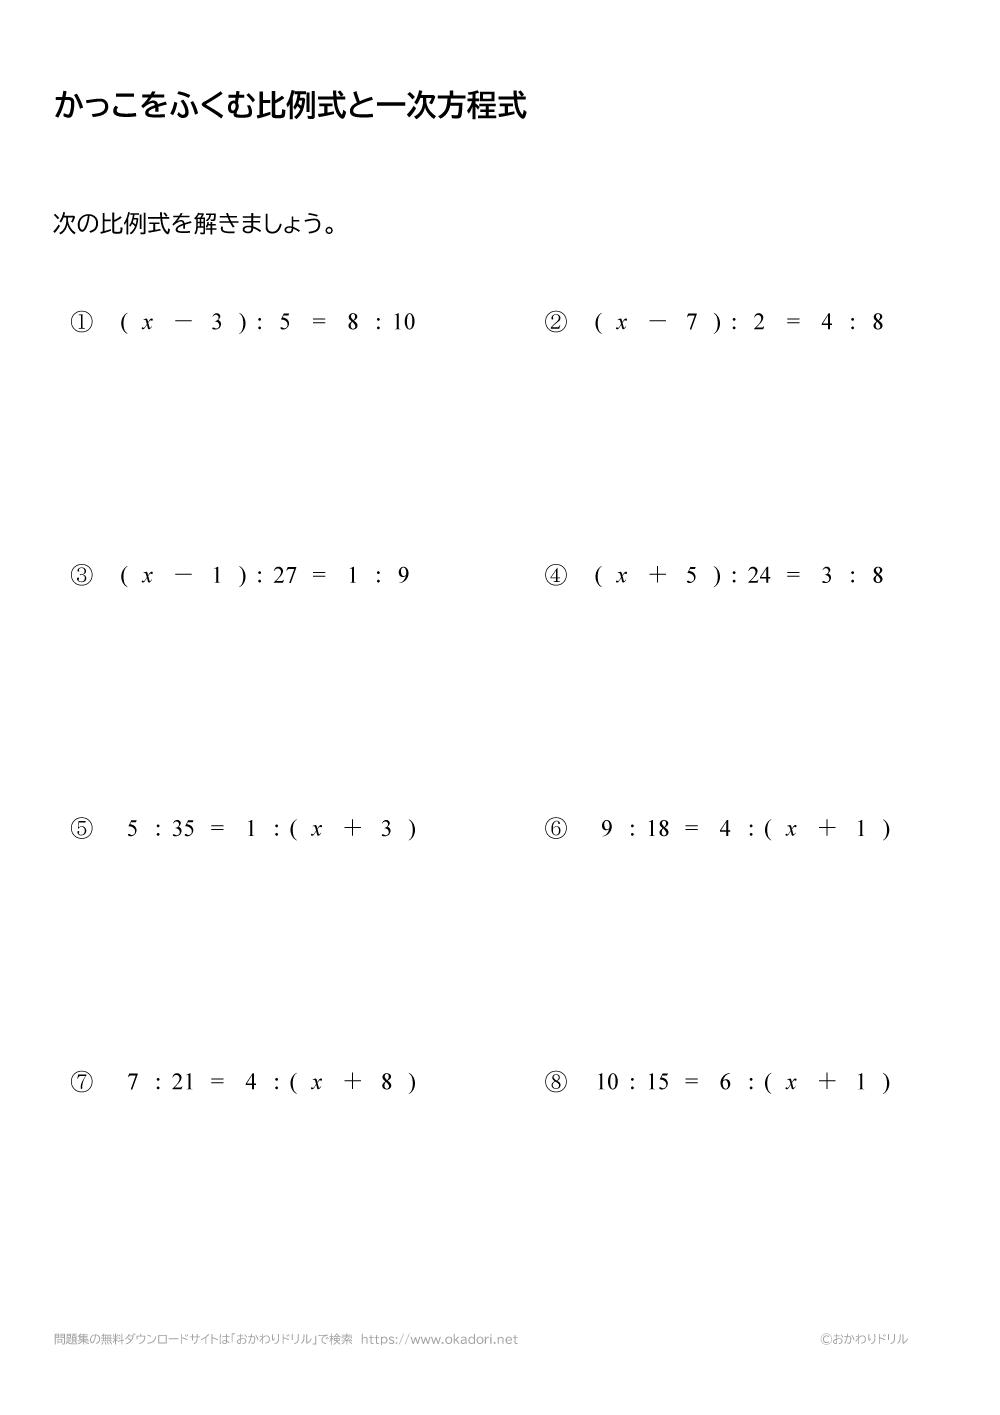 かっこを含む比例式と一次方程式1